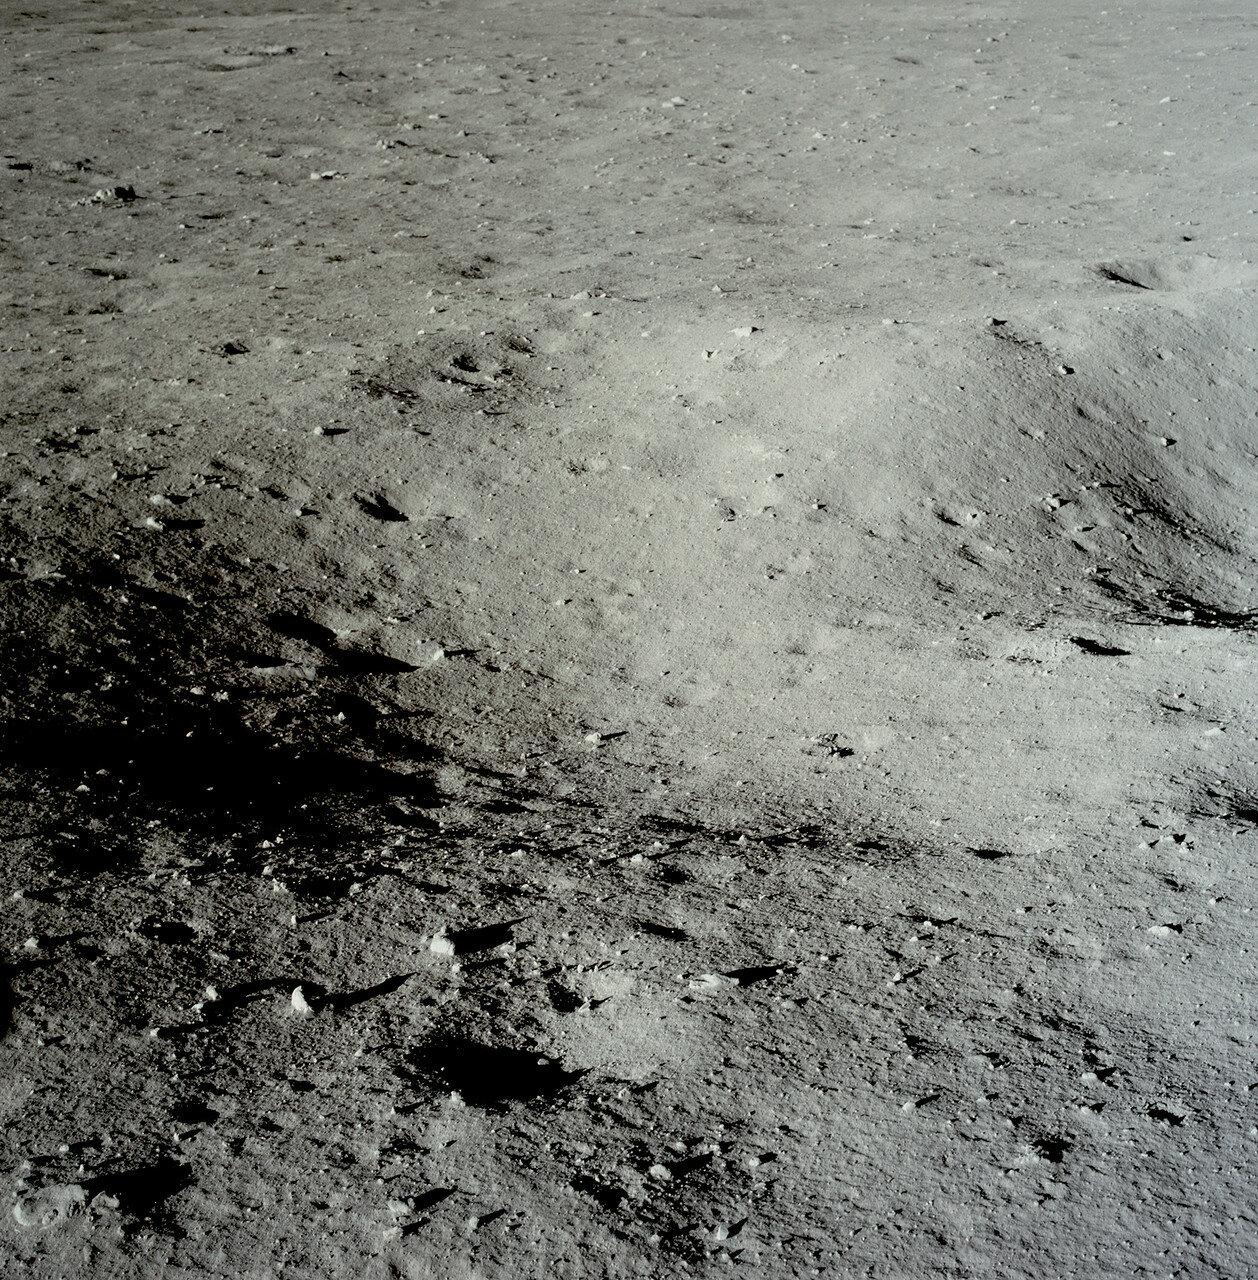 Армстронг заметил, что один из ориентиров, кратер Маскелайн W, они пролетели примерно на 3 секунды раньше, чем предполагалось. Это означало, что они сядут дальше расчётной точки.